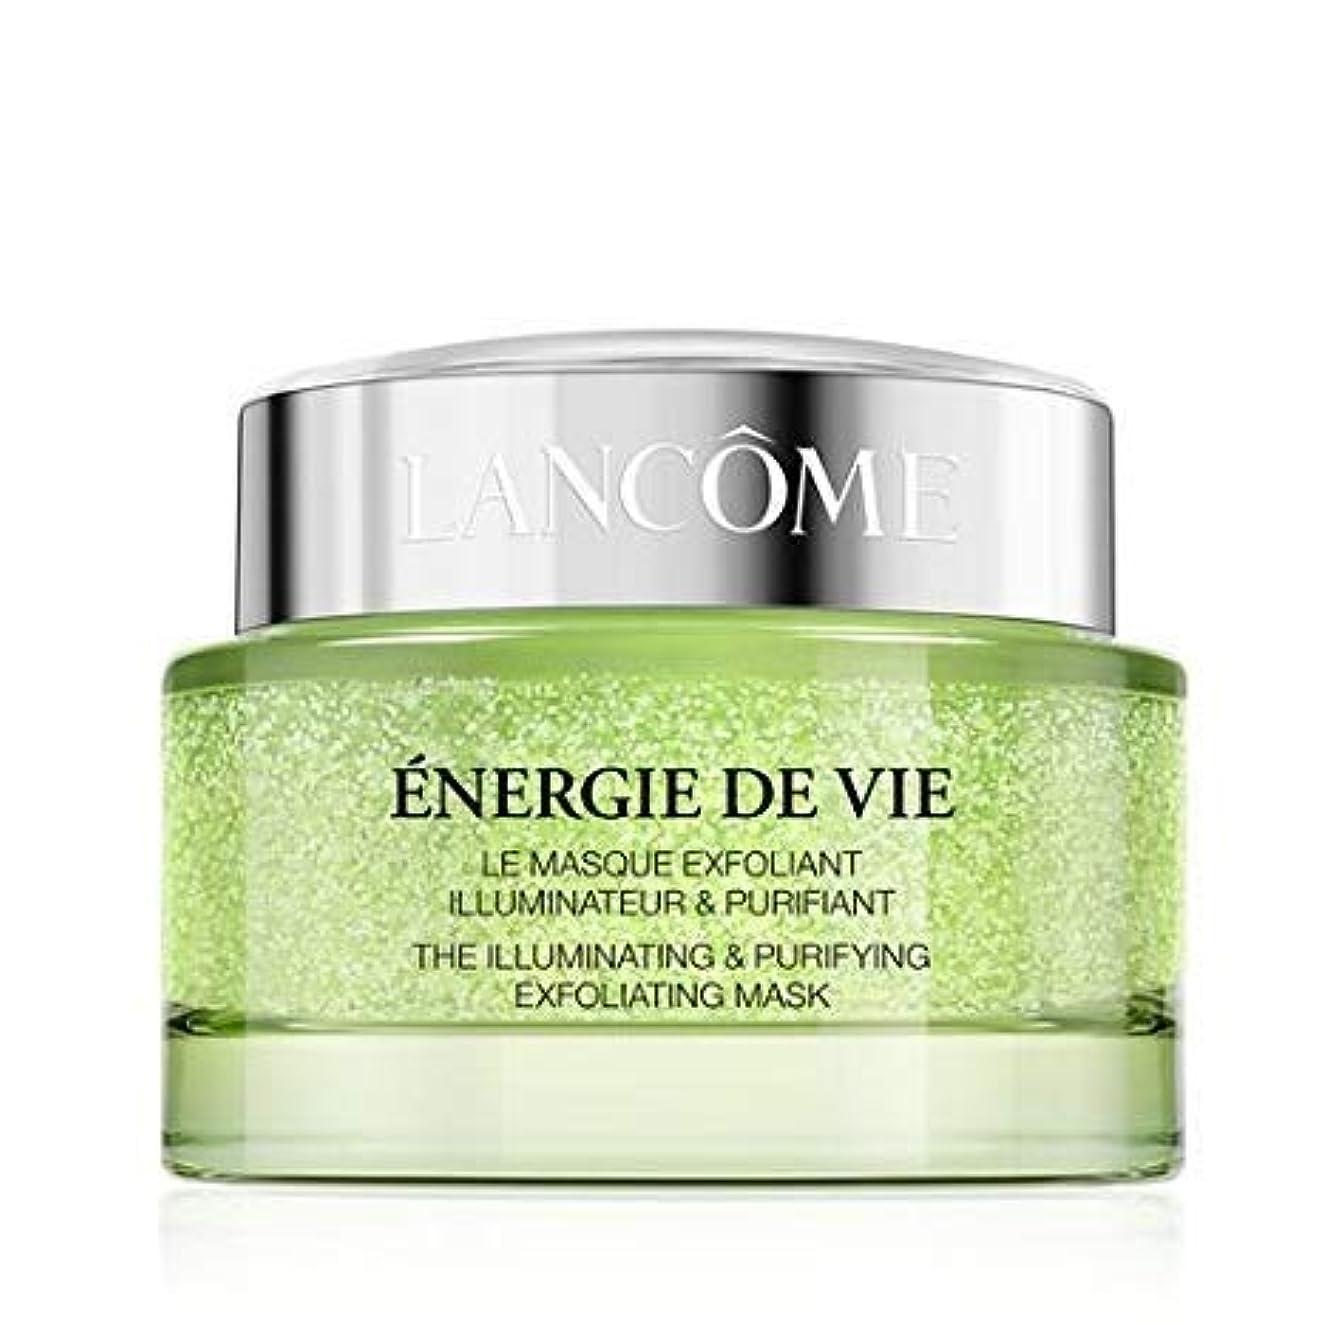 コンドーム抵抗する自動化ランコム Energie De Vie The Illuminating & Purifying Exfoliating Mask 75ml